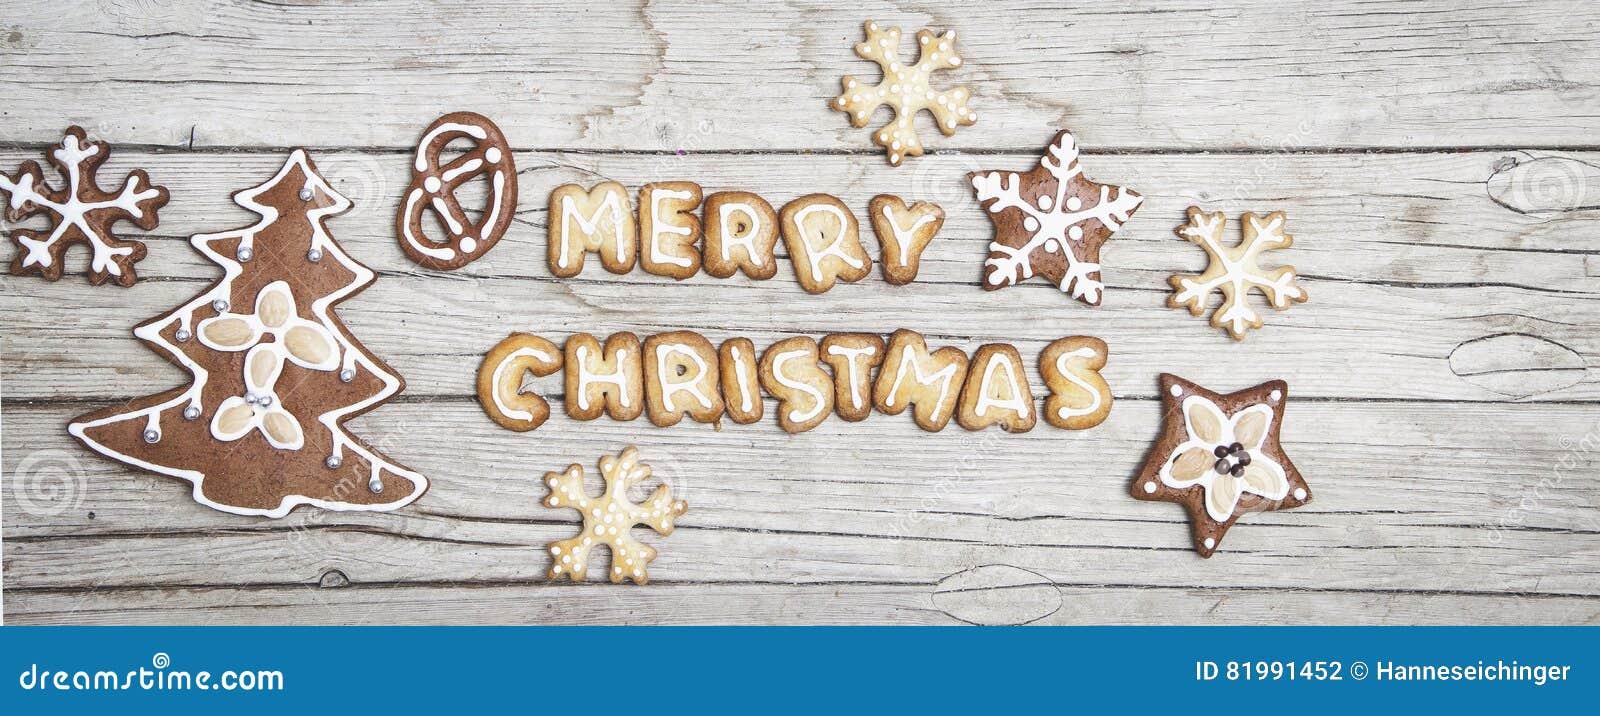 Γκρίζο ξύλινο υπόβαθρο Christmassy με το μελόψωμο και την εύθυμη επιστολή Christma ` s